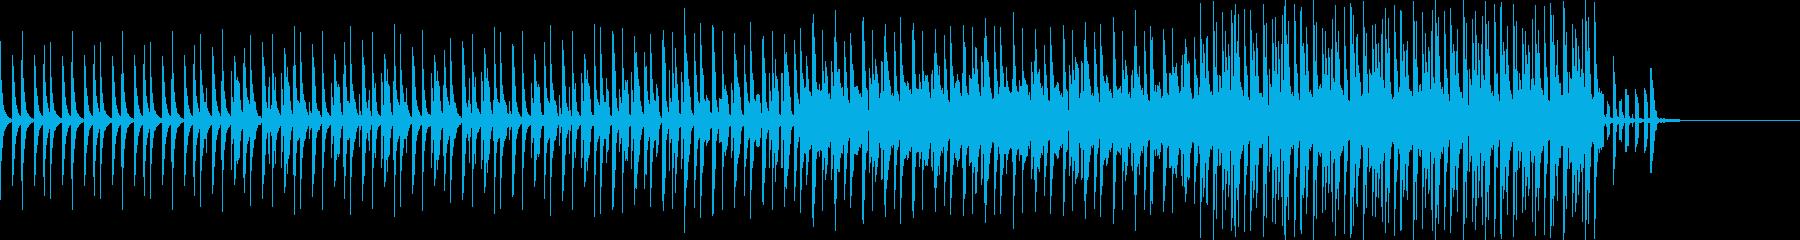 軽快、かわいい、エレクトロニカの再生済みの波形